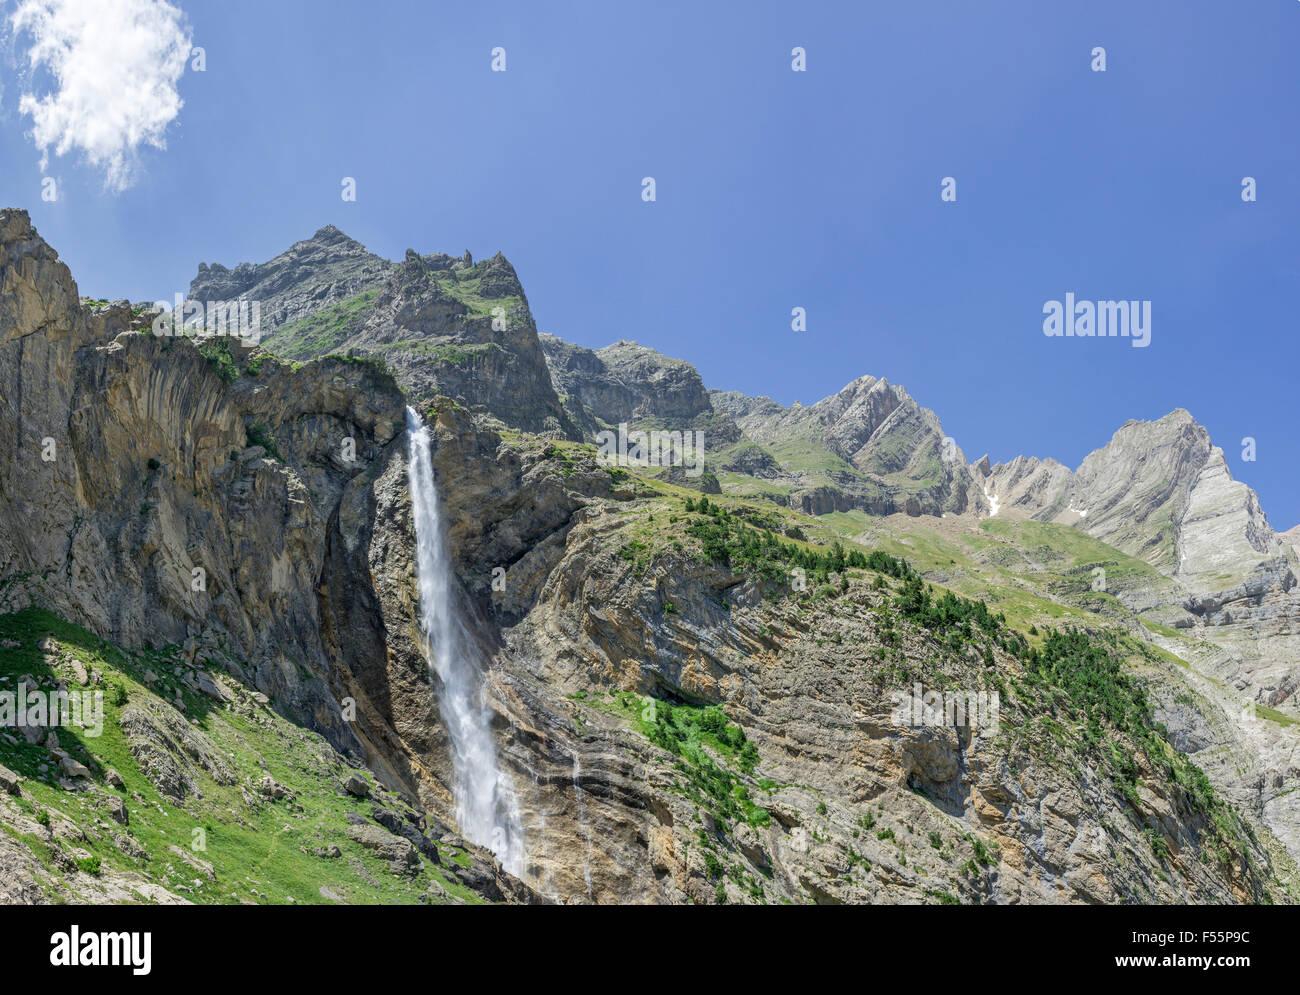 Cascada de Marboré, waterfall, Valle de Pineto, Aragon, Spain - Stock Image